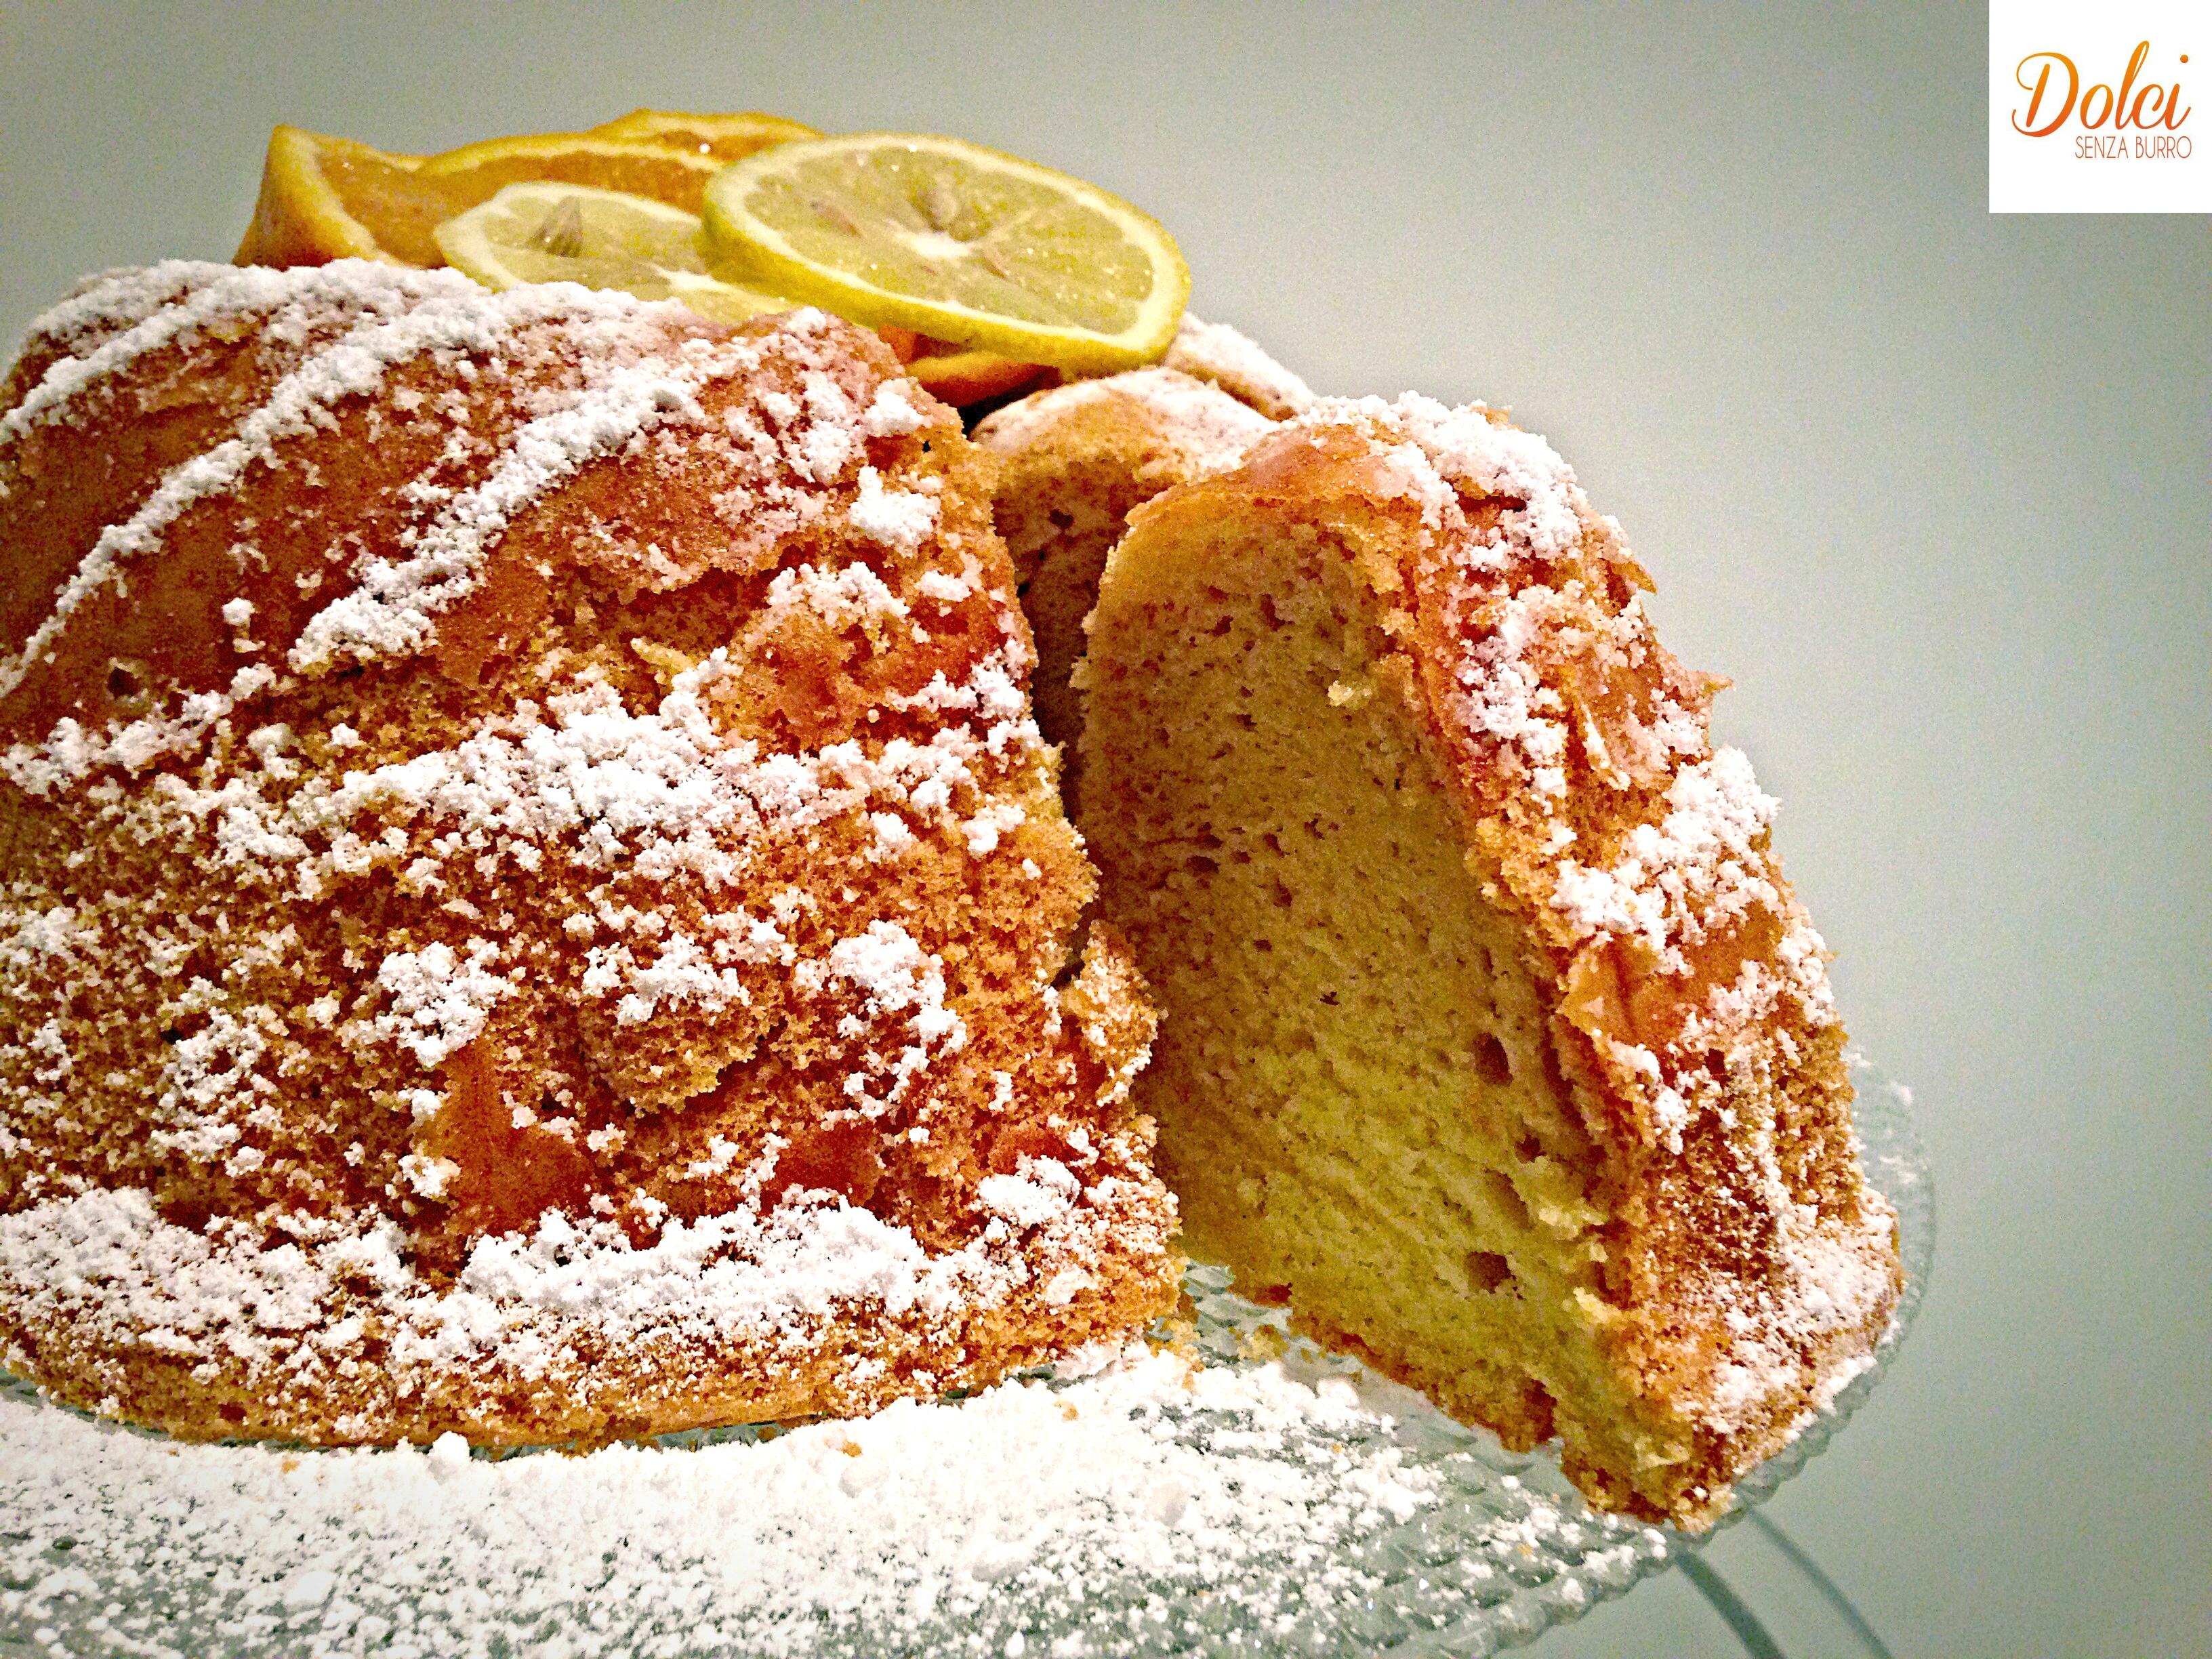 Provate anche la Chiffon Cake all'Arancia, la fluffuosa che più soffice non c'è!